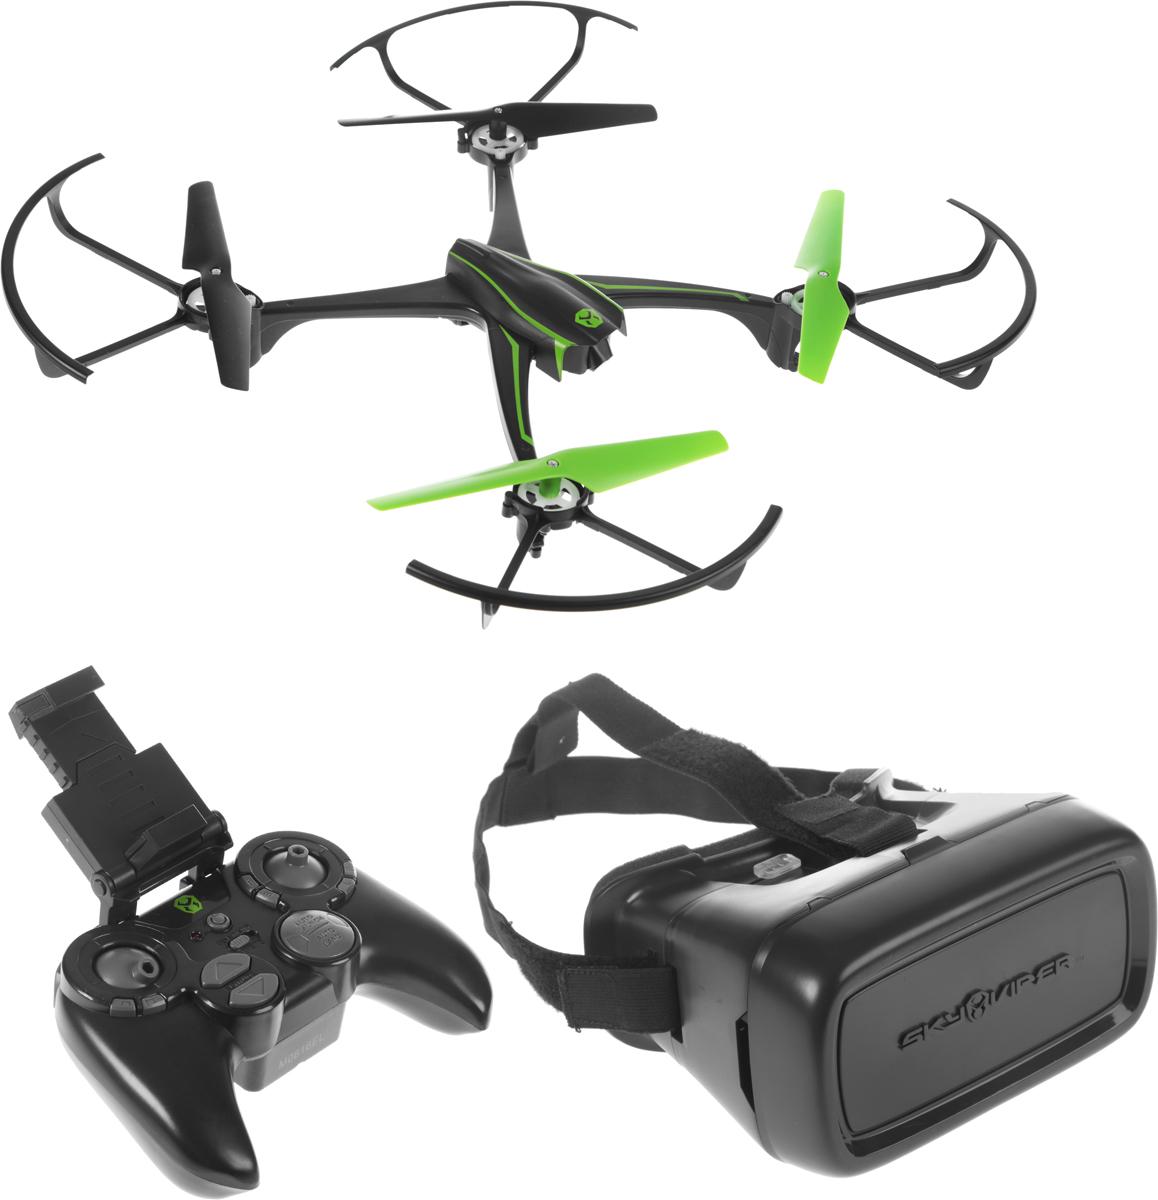 Sky Viper Квадрокоптер на радиоуправлении V2400FPV с очками виртуальной реальности